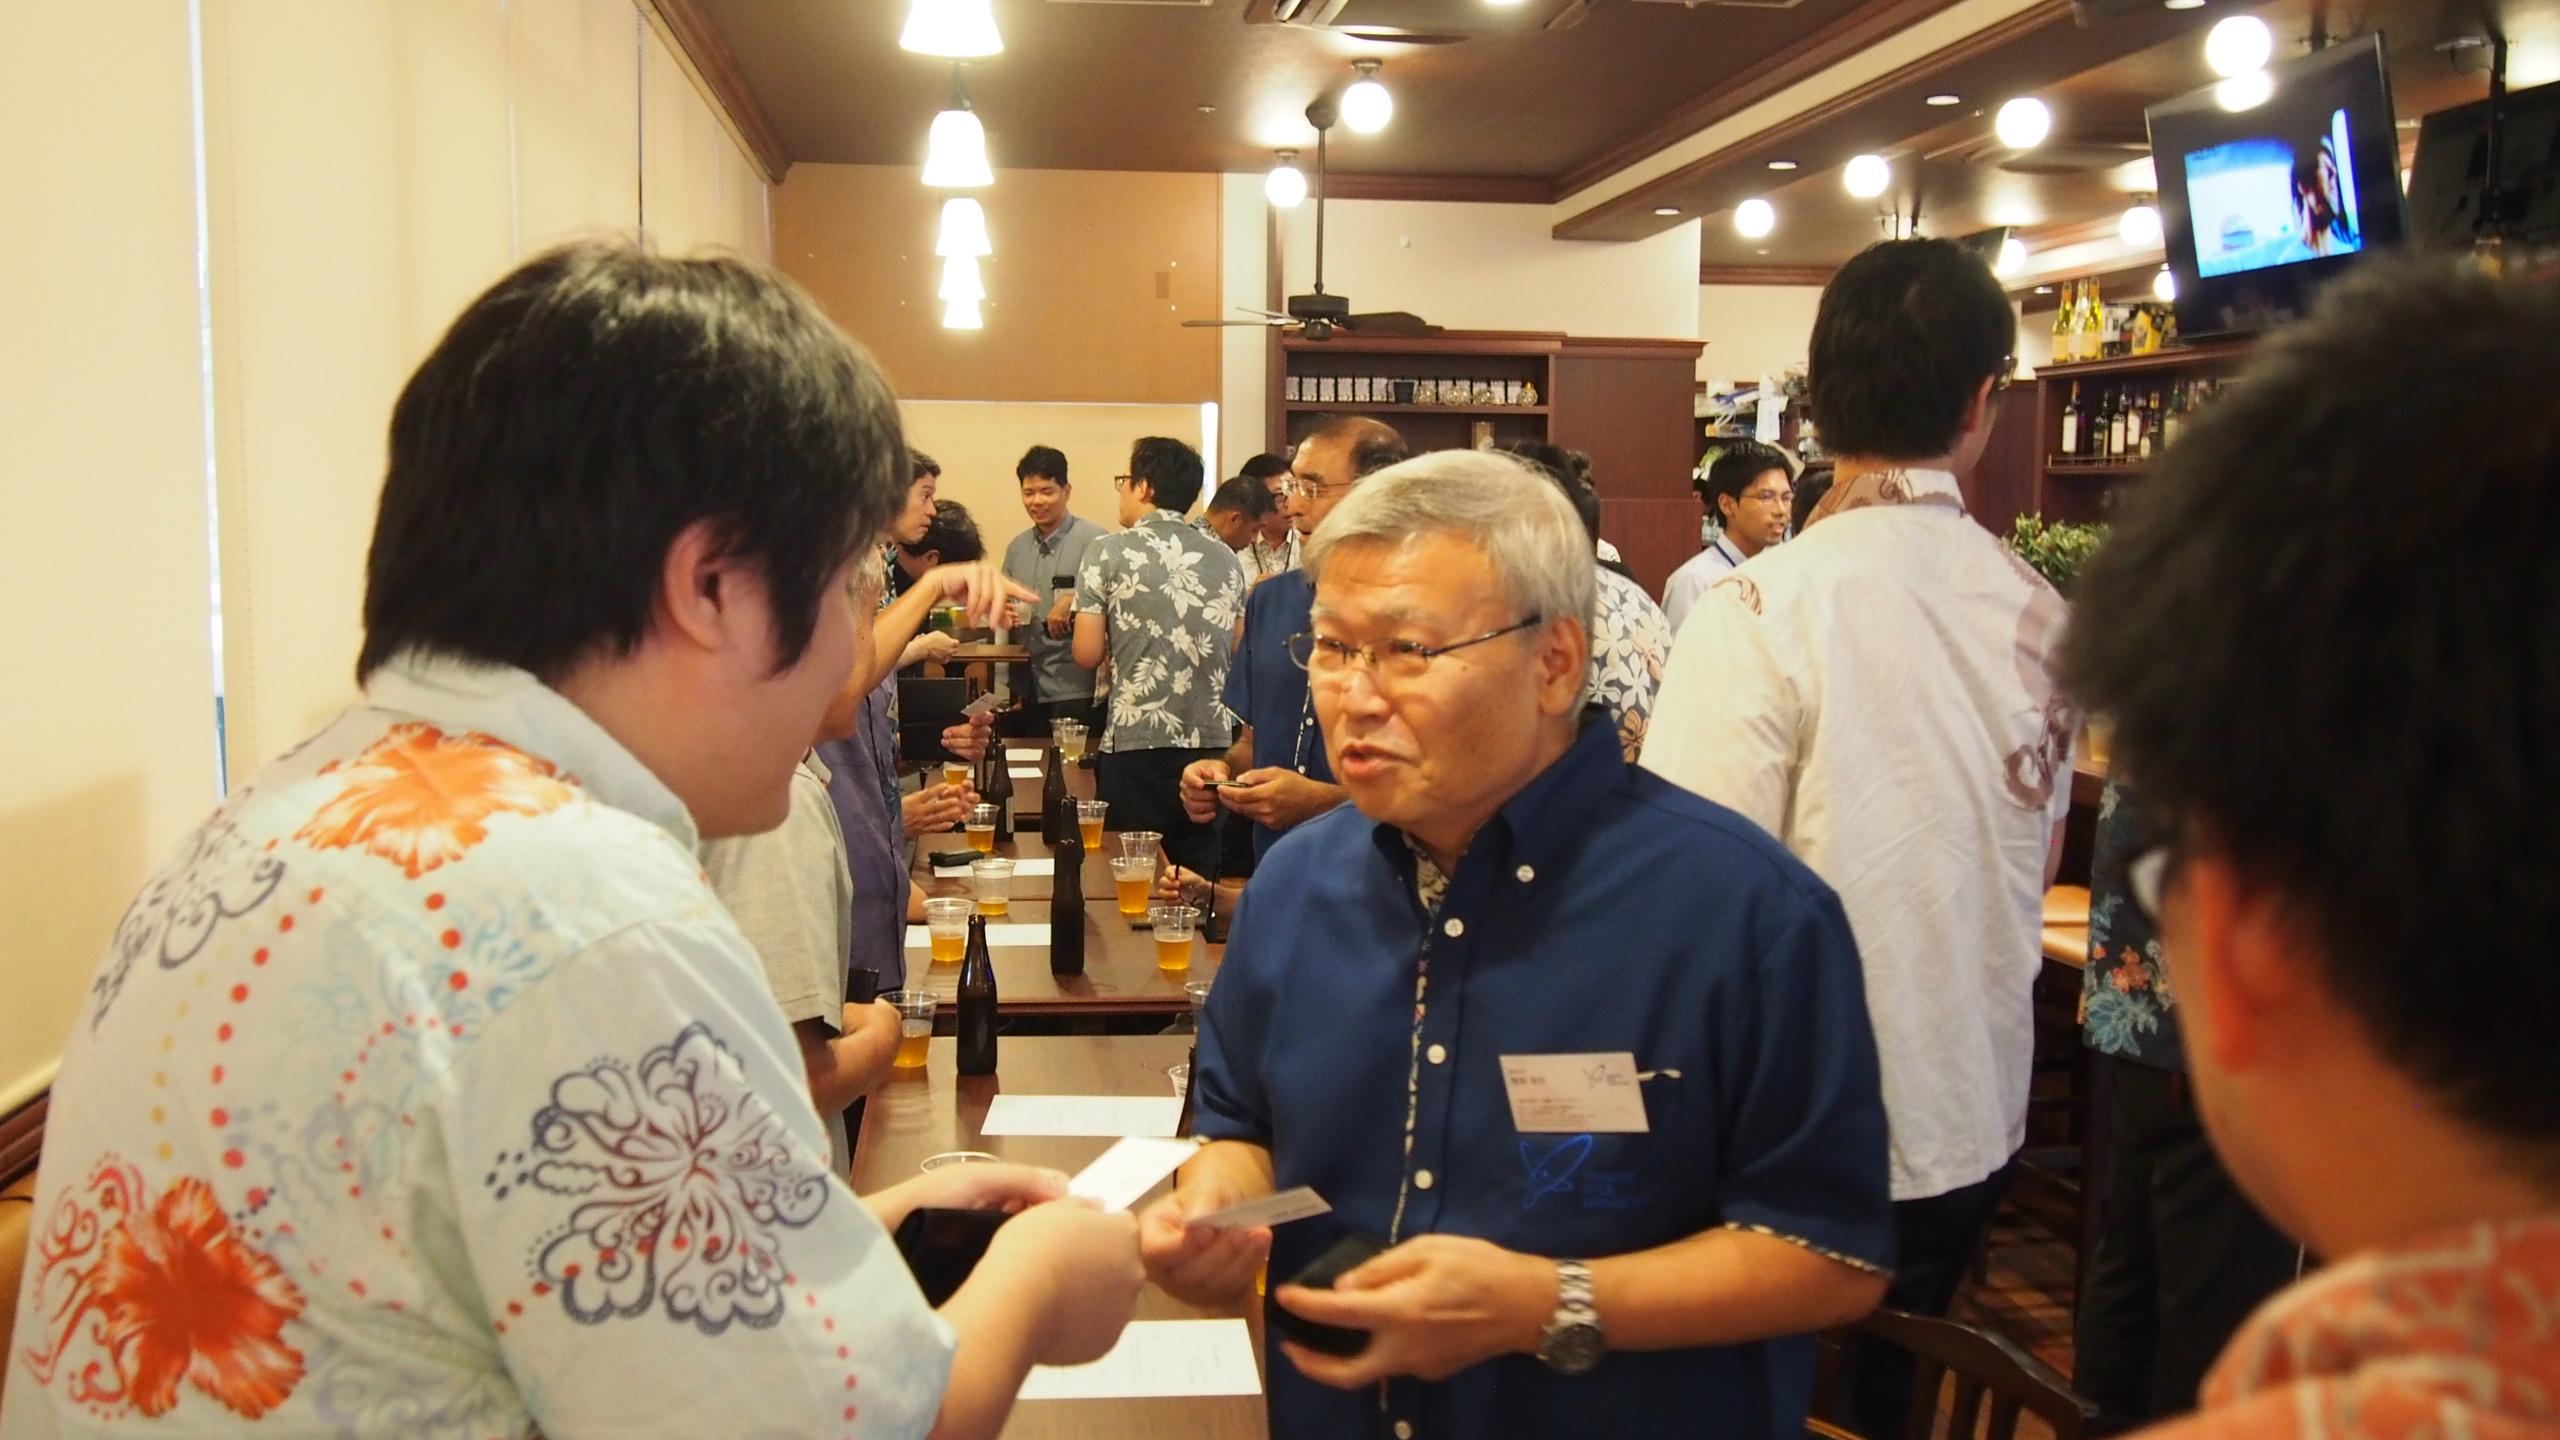 【初開催】第1回ISCO勉強会・交流会を開催いたしました。